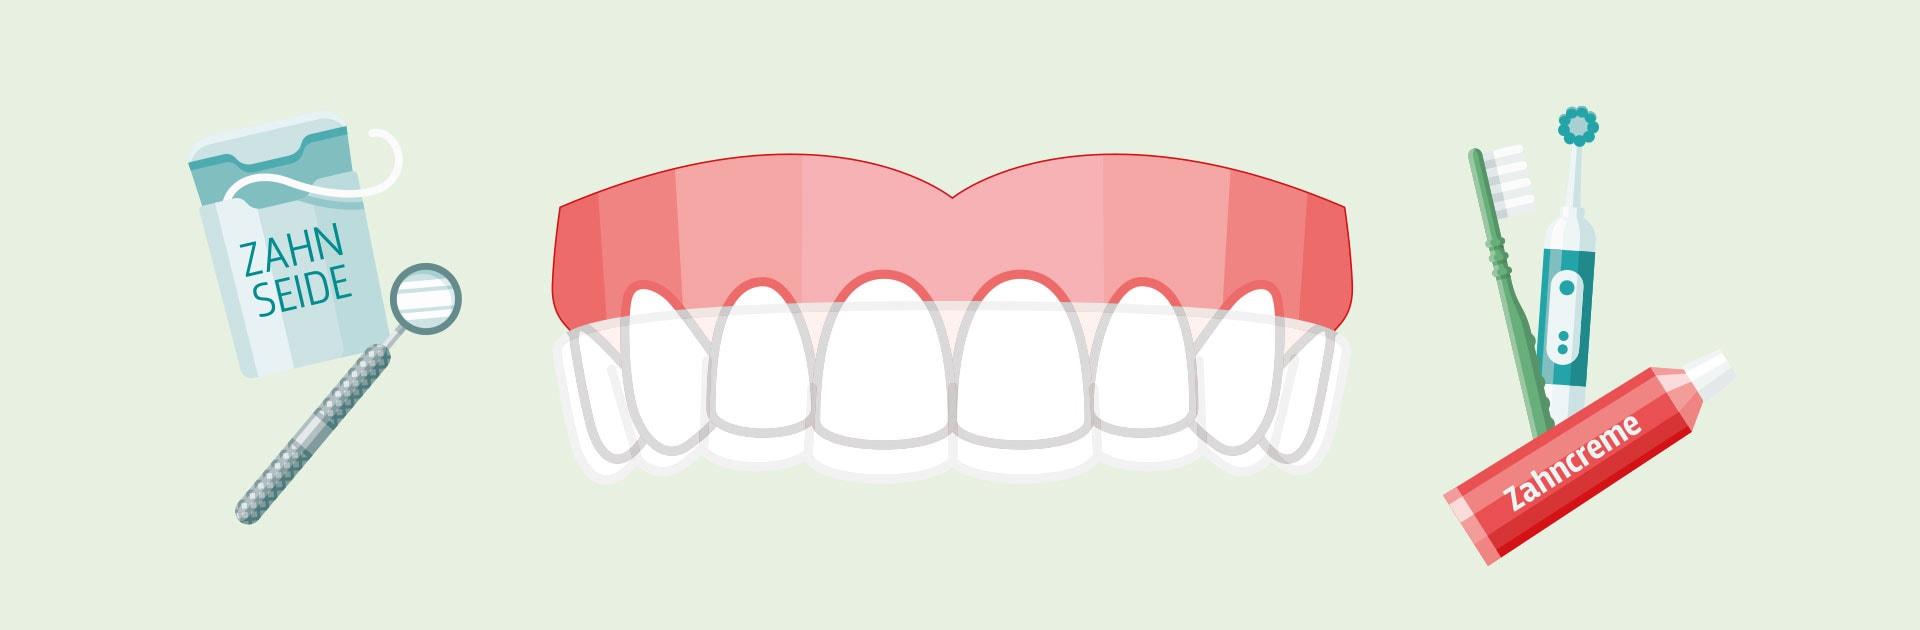 Entspannt Zähne zeigen: Mundgesundheit am Arbeitsplatz